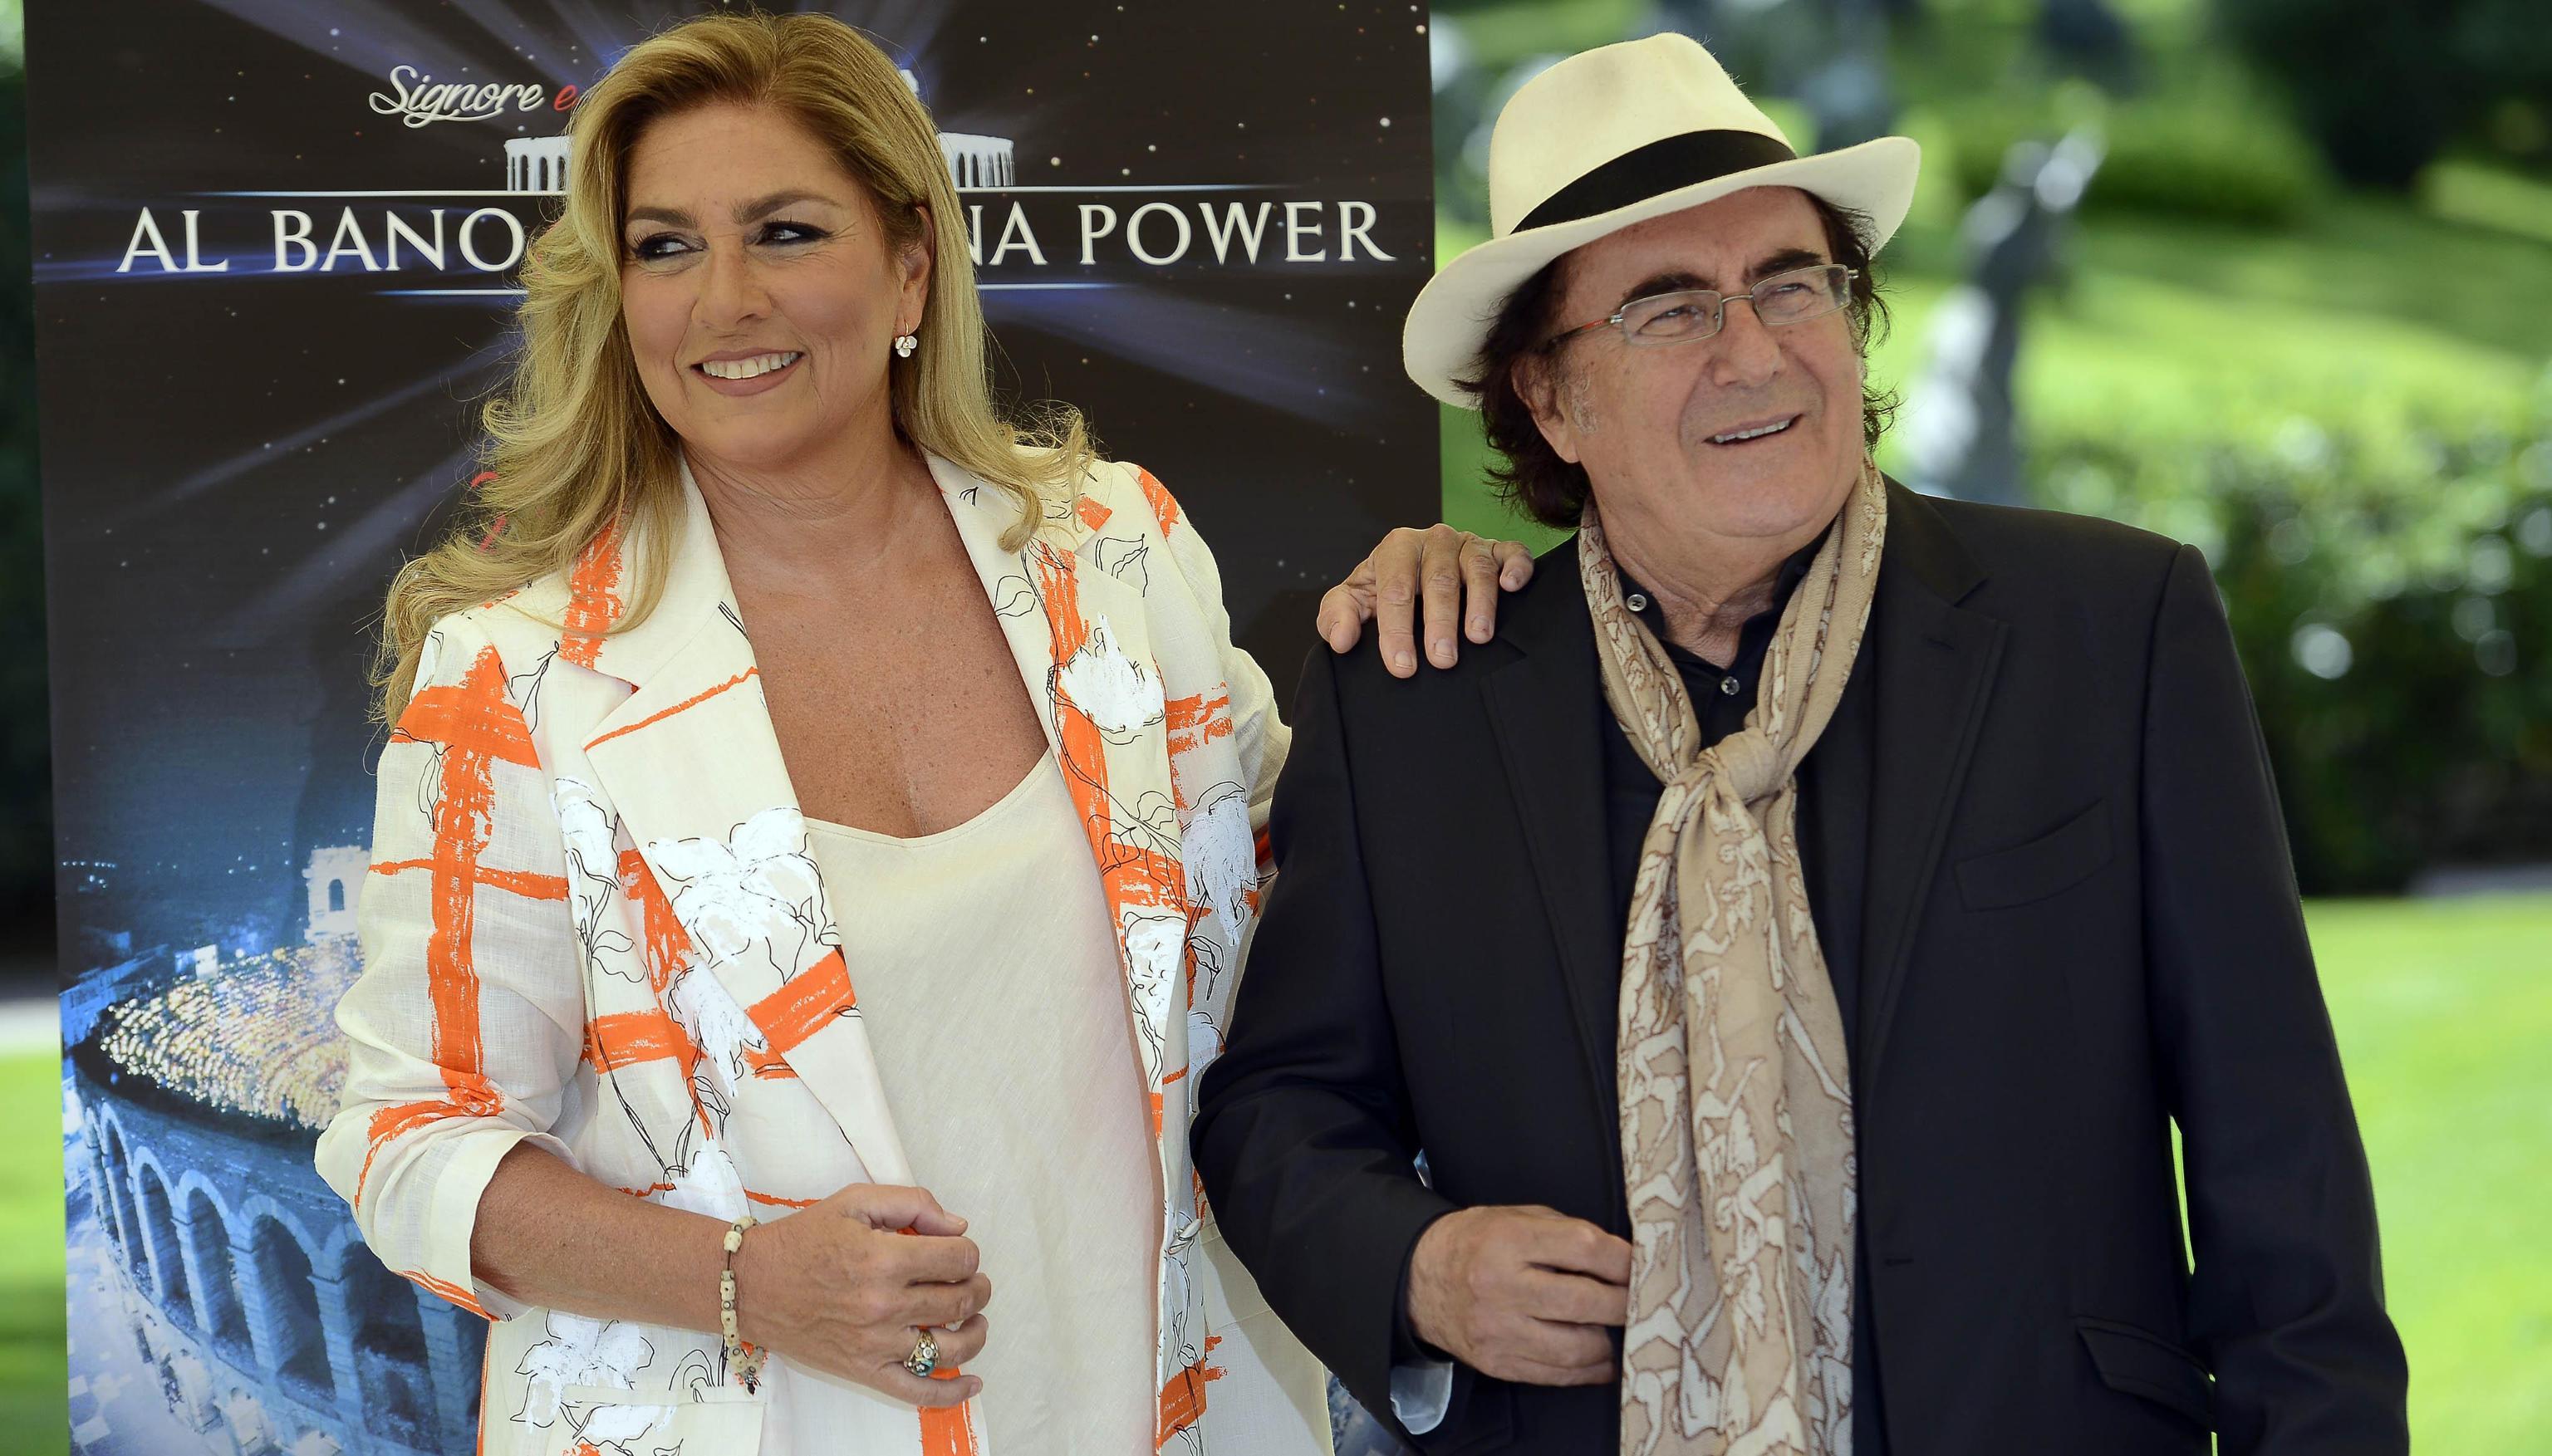 Al Bano e Romina di nuovo insieme sul palco: 'Ci divertiamo come la prima volta'